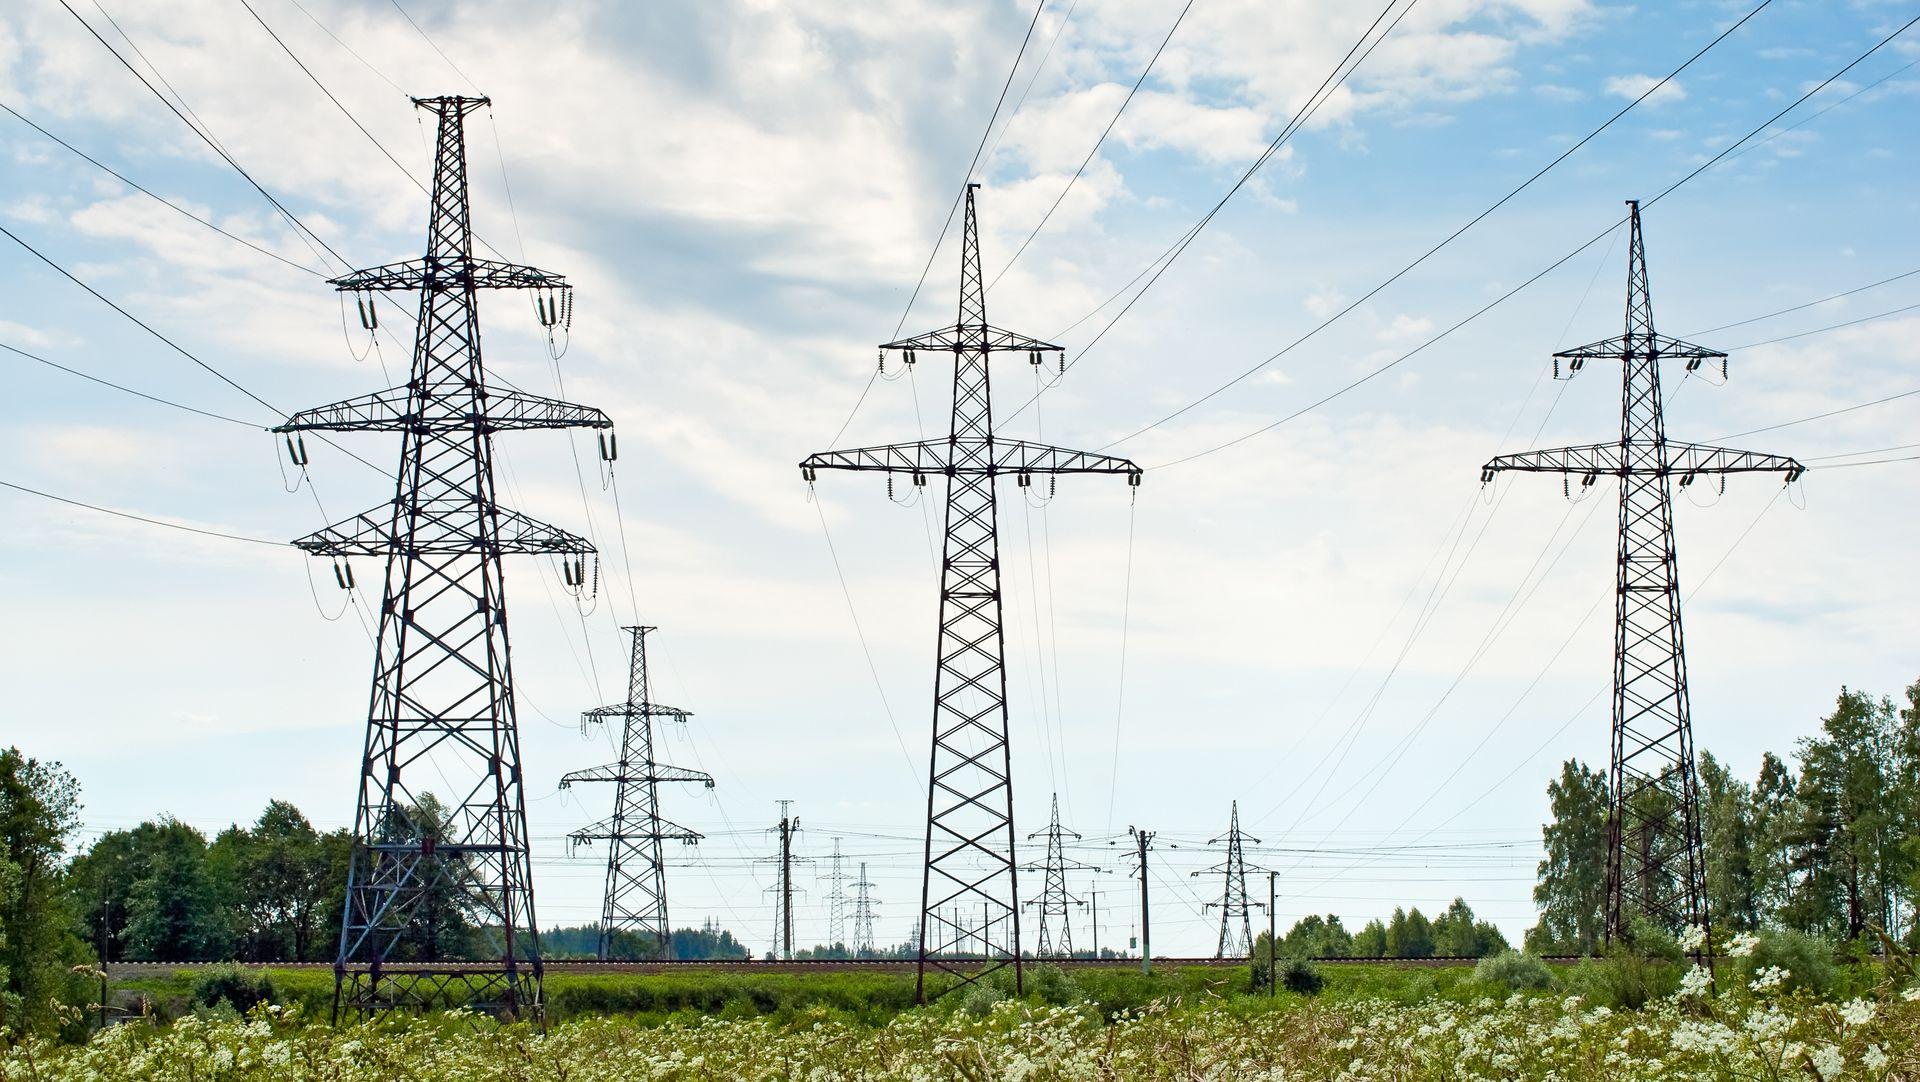 ANNONSE: Fem ting du kan lære av kraftbransjen